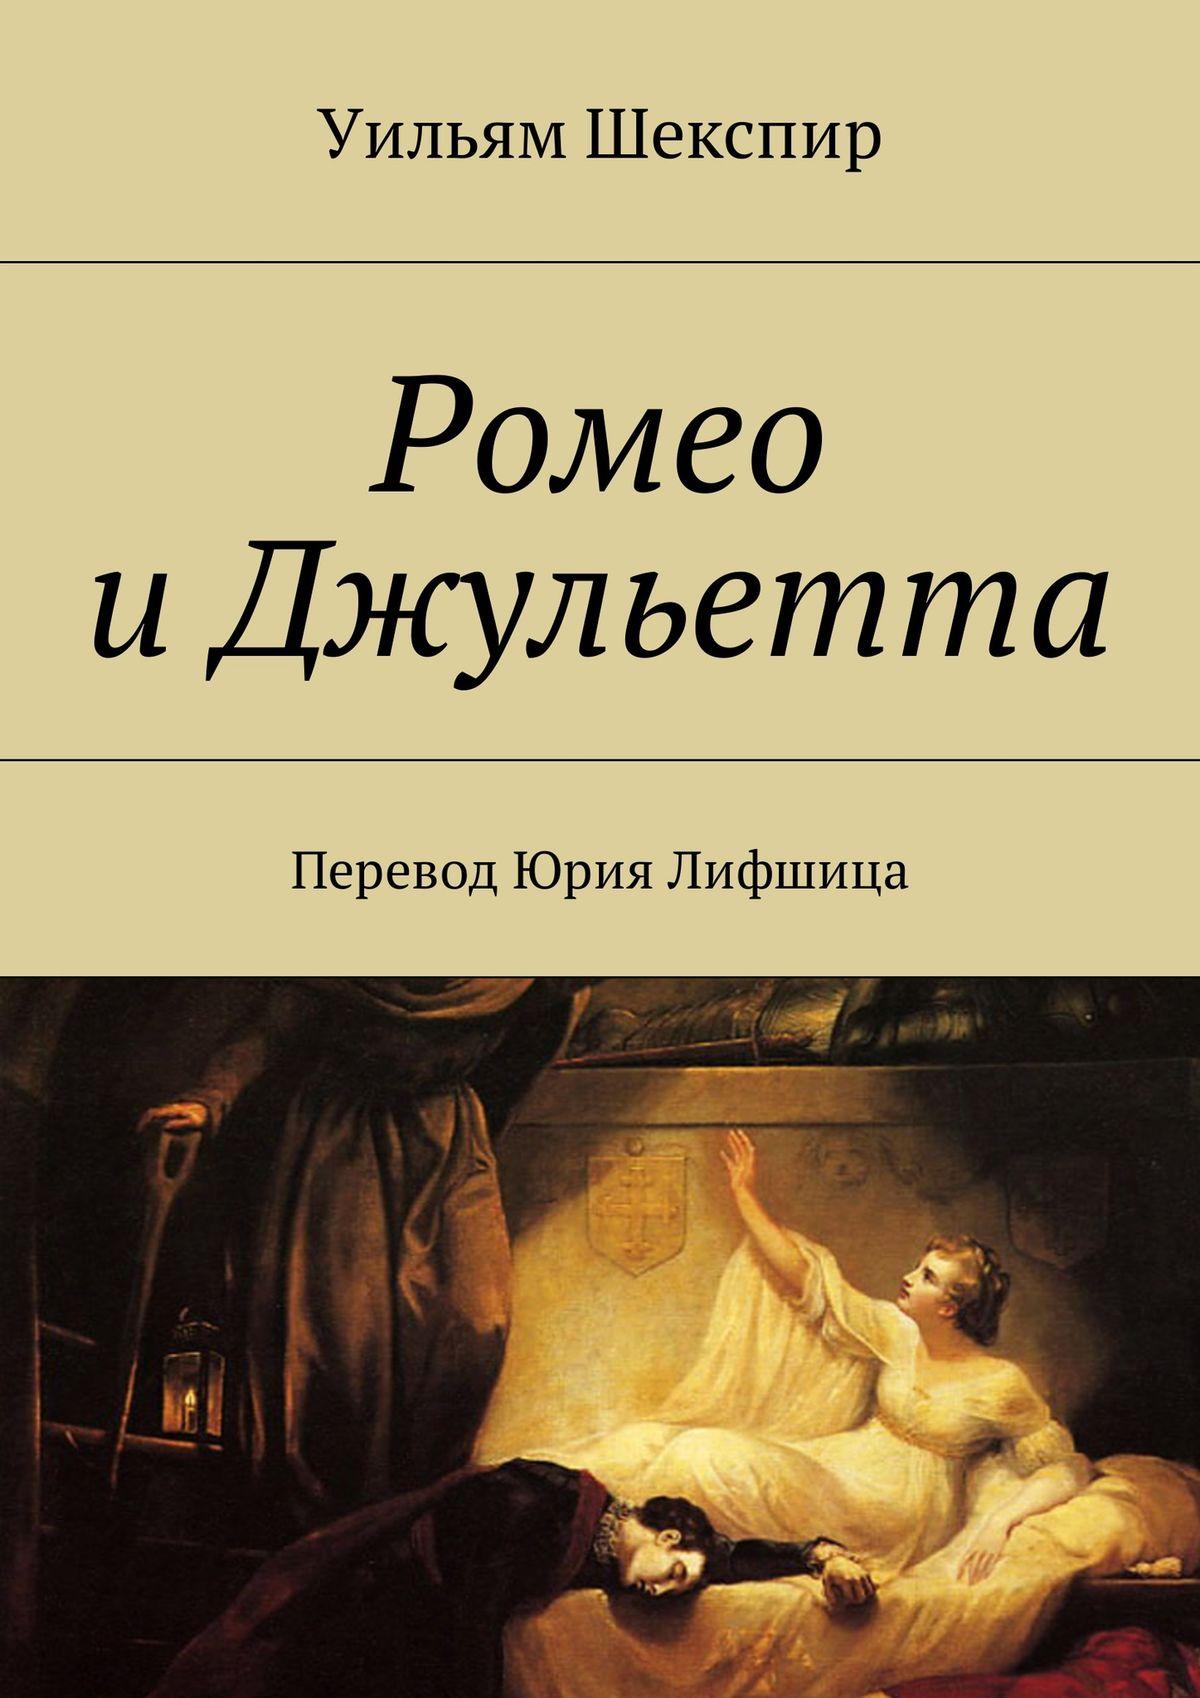 Уильям Шекспир Ромео иДжульетта. Перевод Юрия Лифшица вильям шекспир как вам это понравится много шума из ничего двенадцатая ночь перевод юрия лифшица